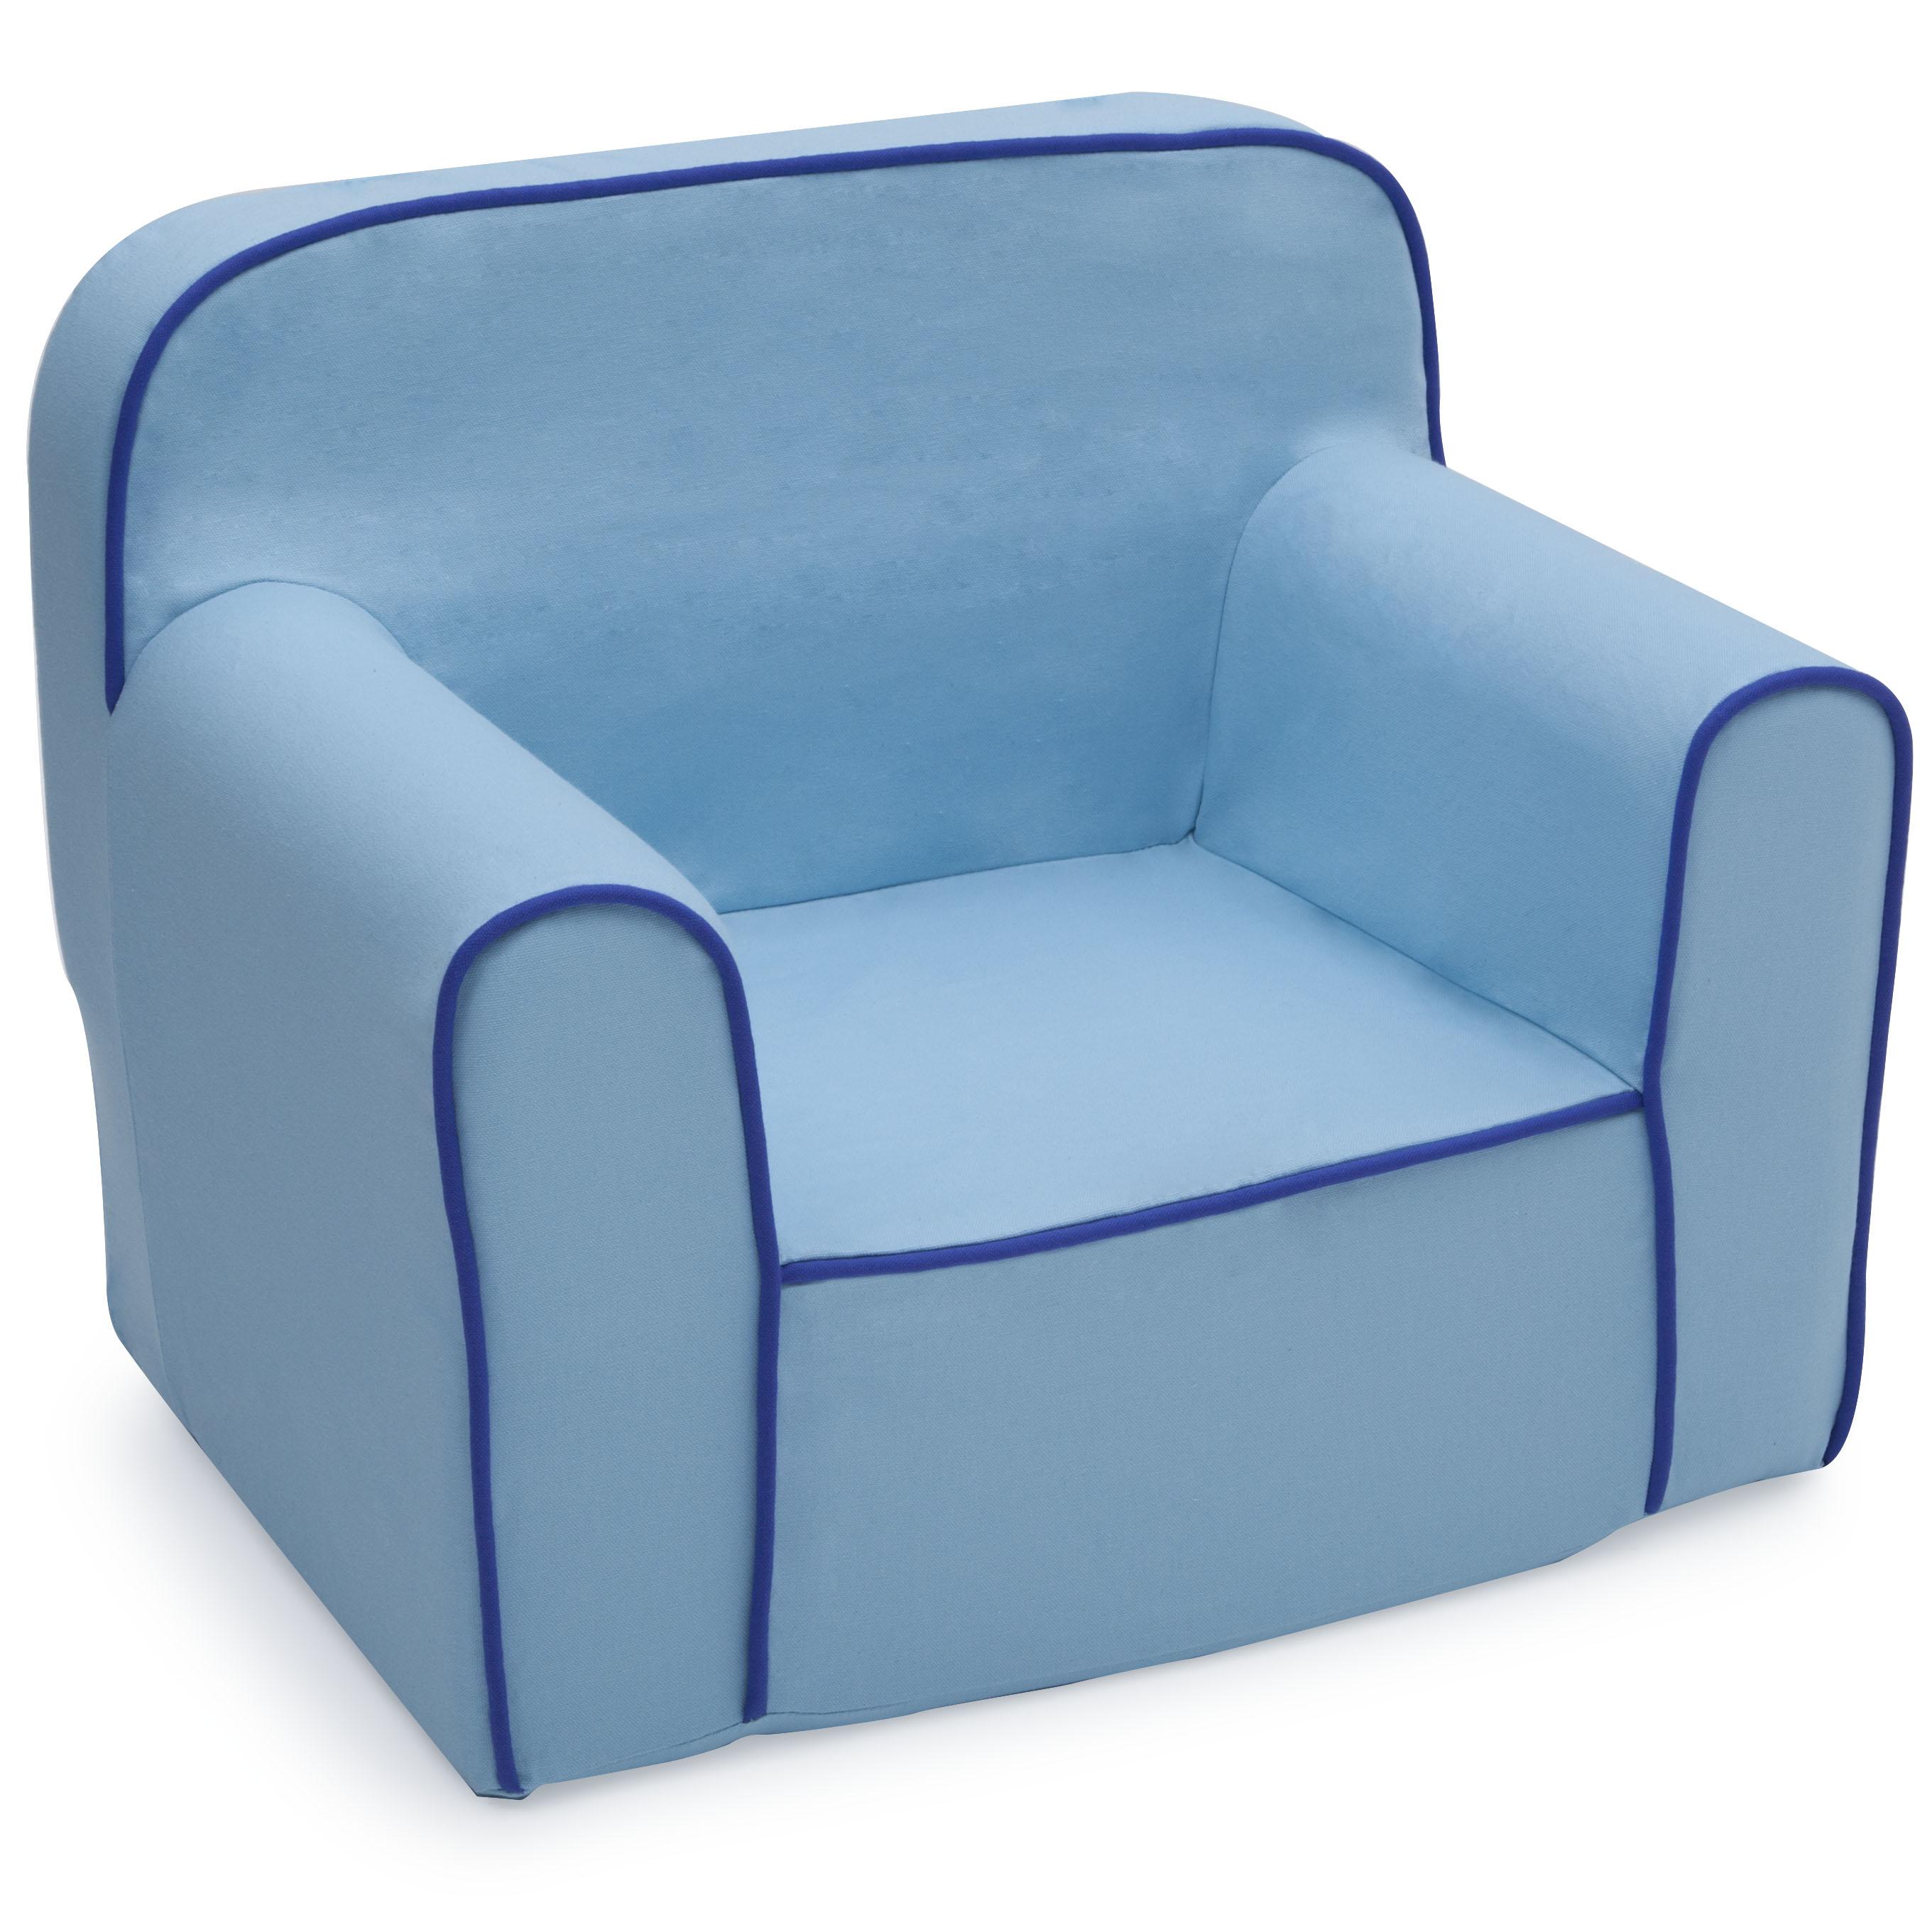 Delta Children Foam Snuggle Chair Blue